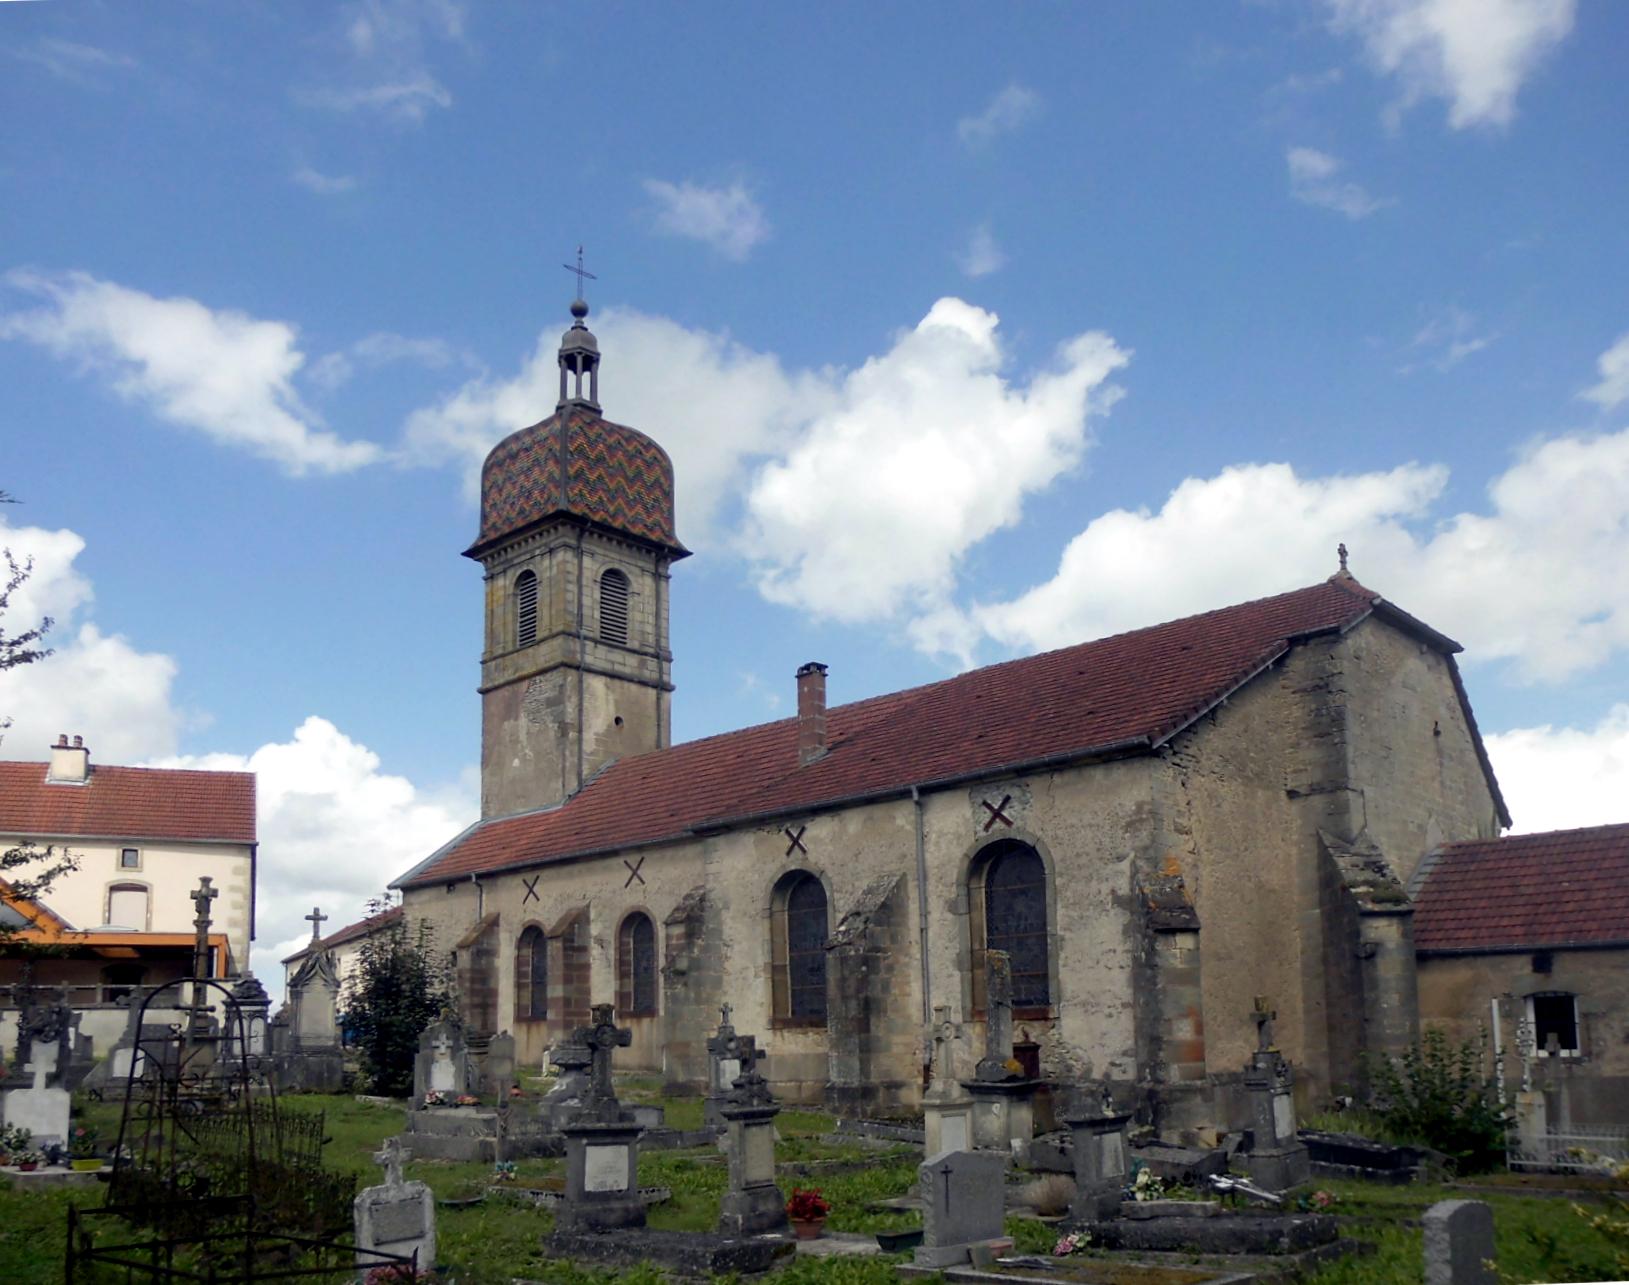 Eglise de Melincourt